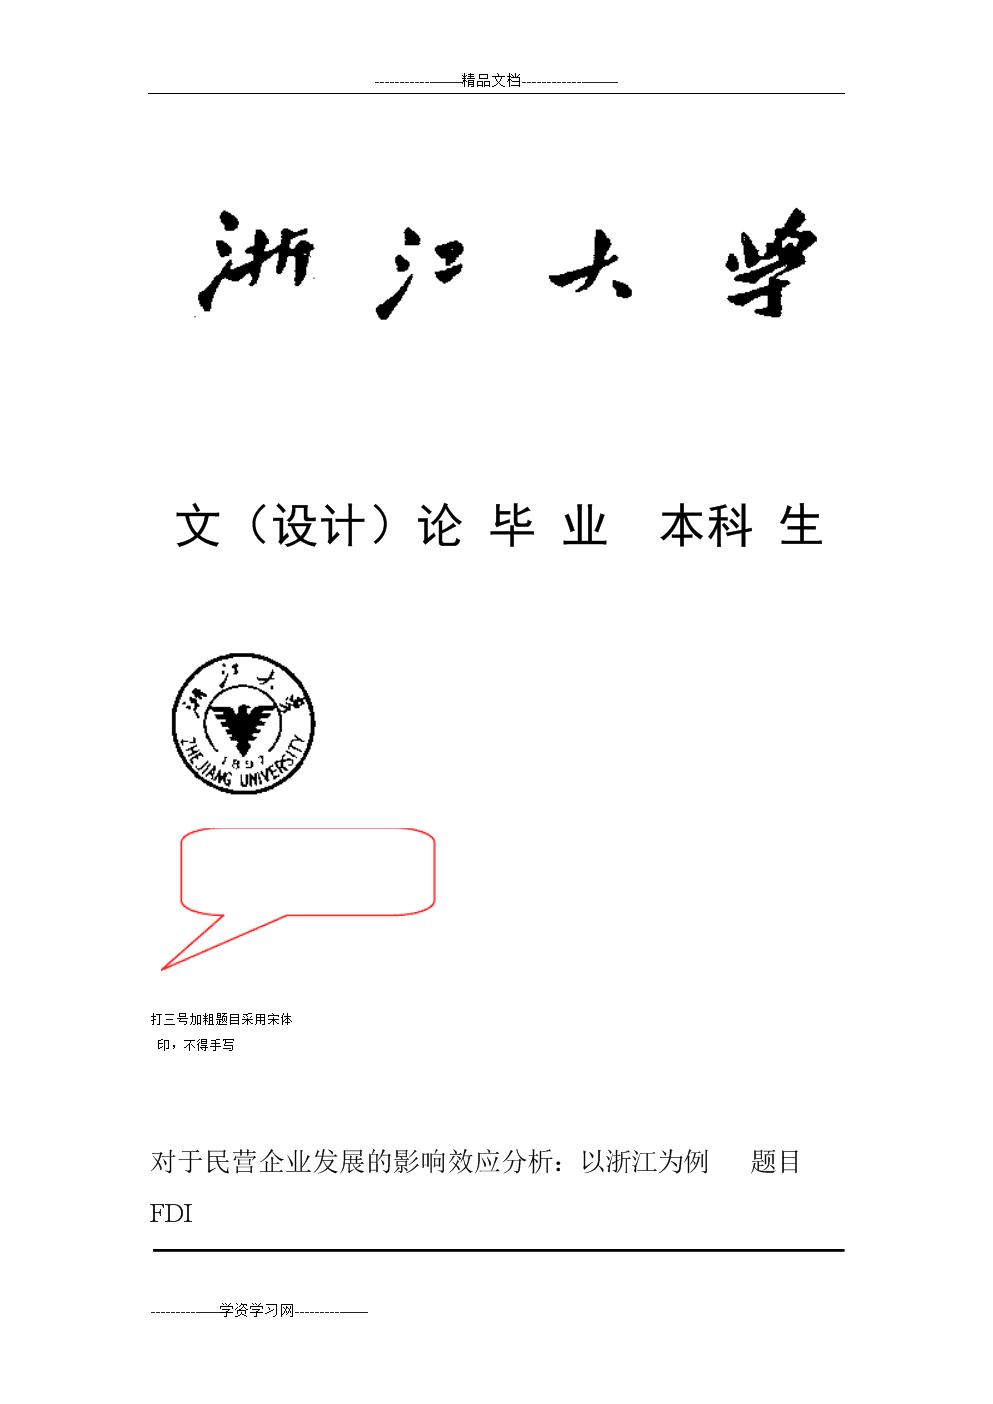 浙江大学毕业论文模板汇总.doc